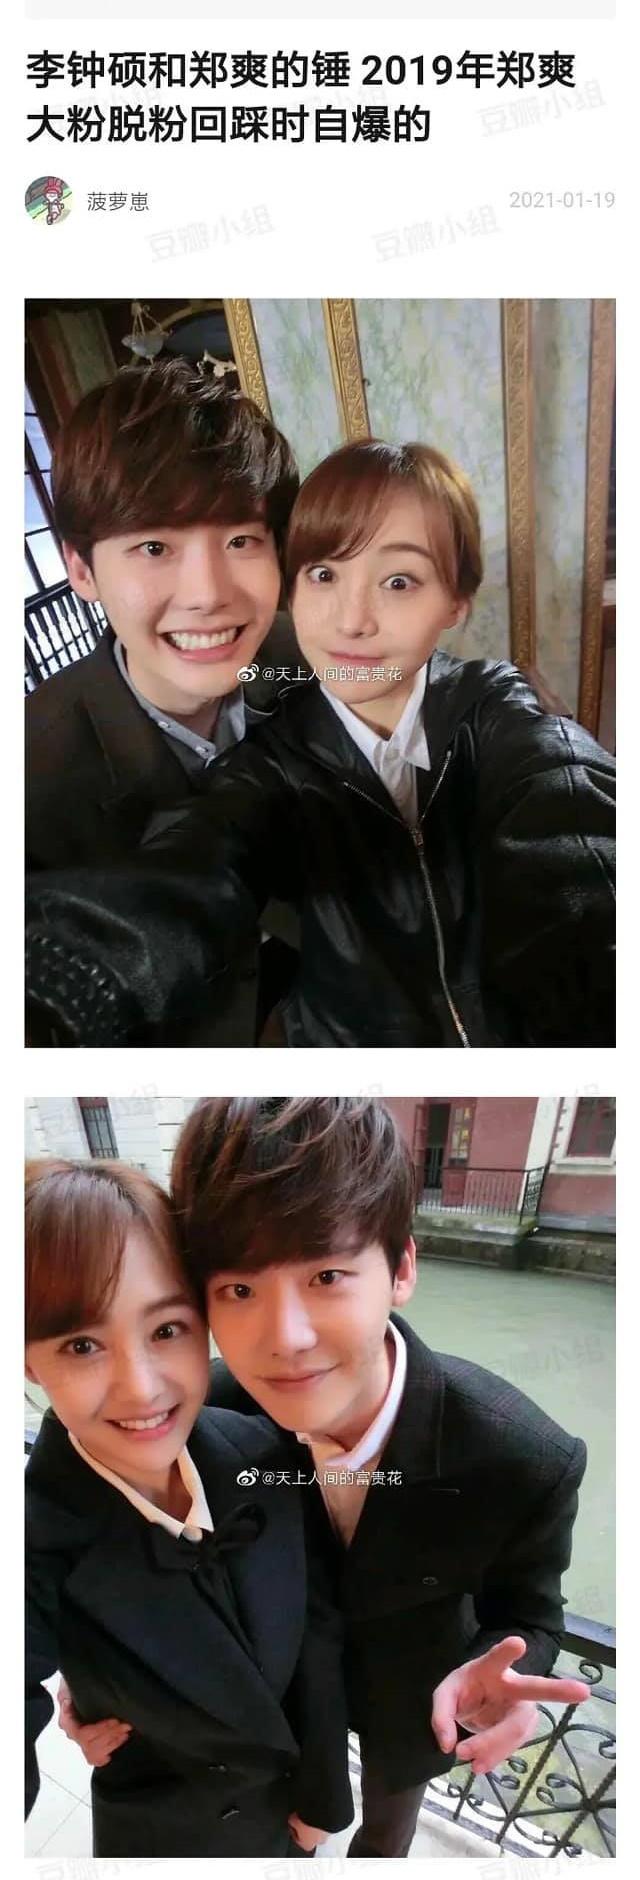 """Fan cũ của Trịnh Sảng """"bóc phốt"""" nữ diễn viên từng hẹn hò với tài tử Hàn Quốc Lee Jong Suk - Ảnh 1."""